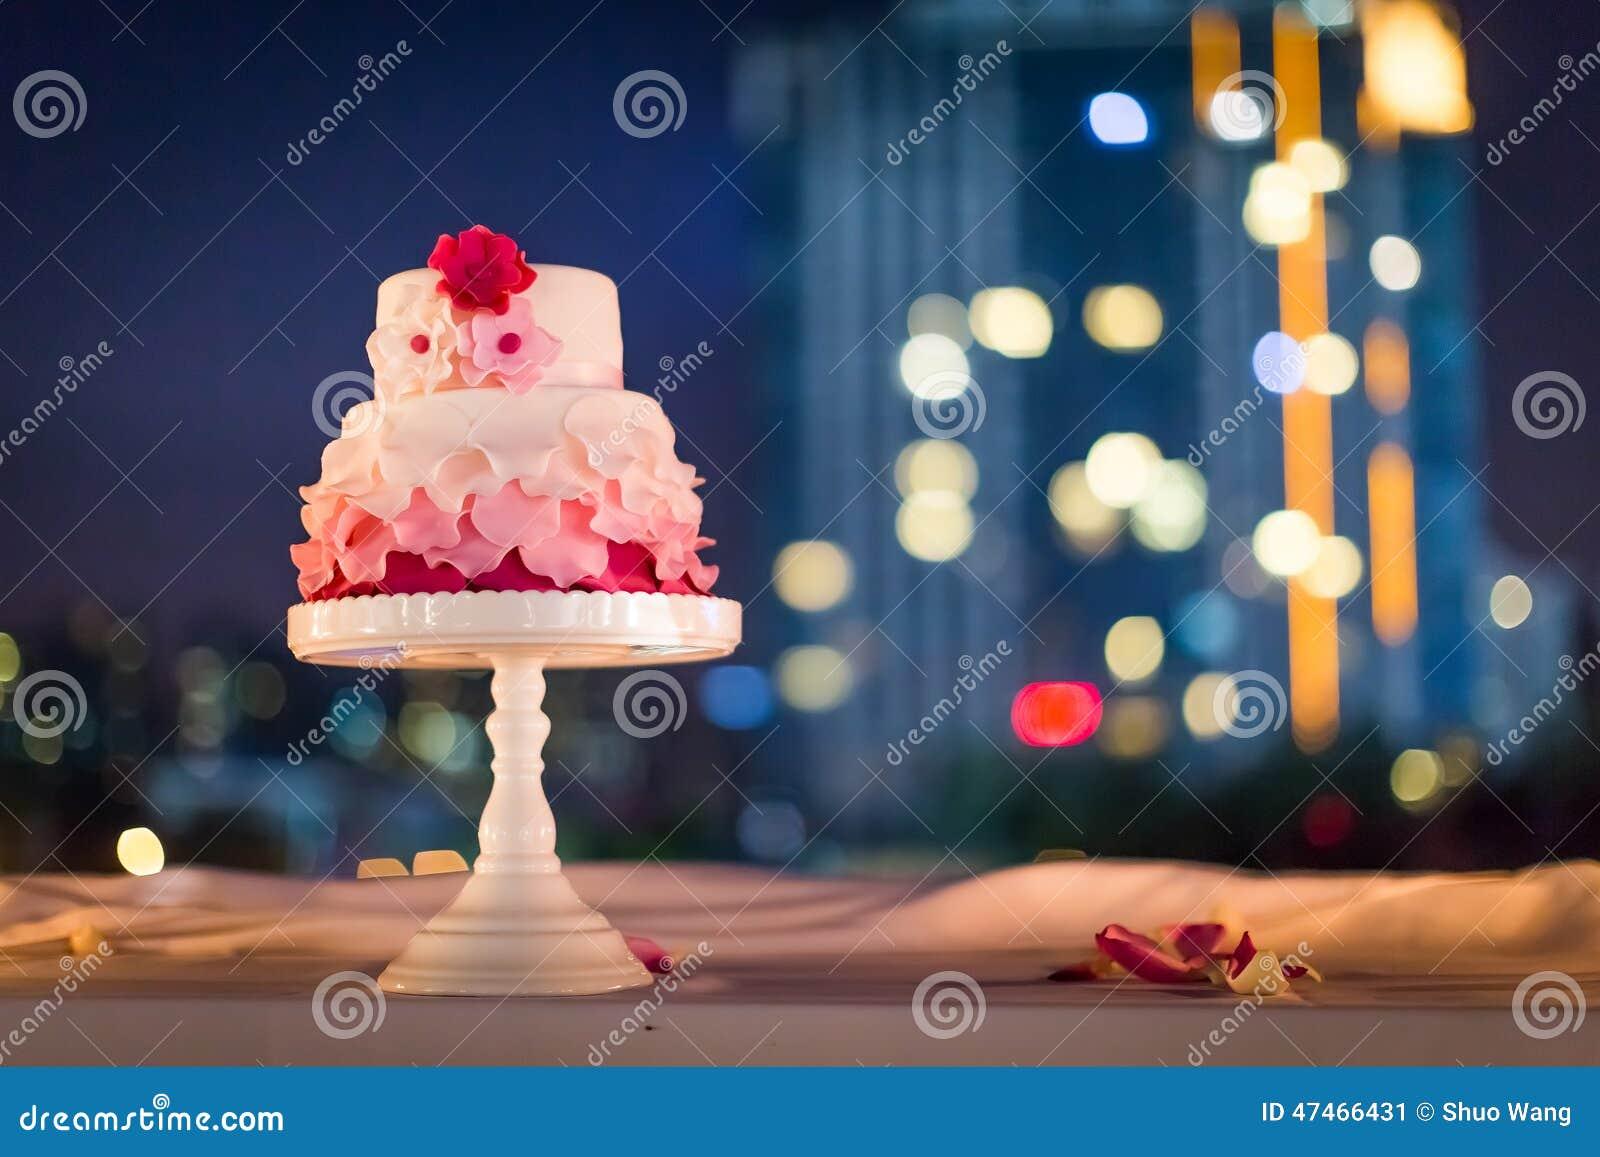 Hochzeitstorte nachts